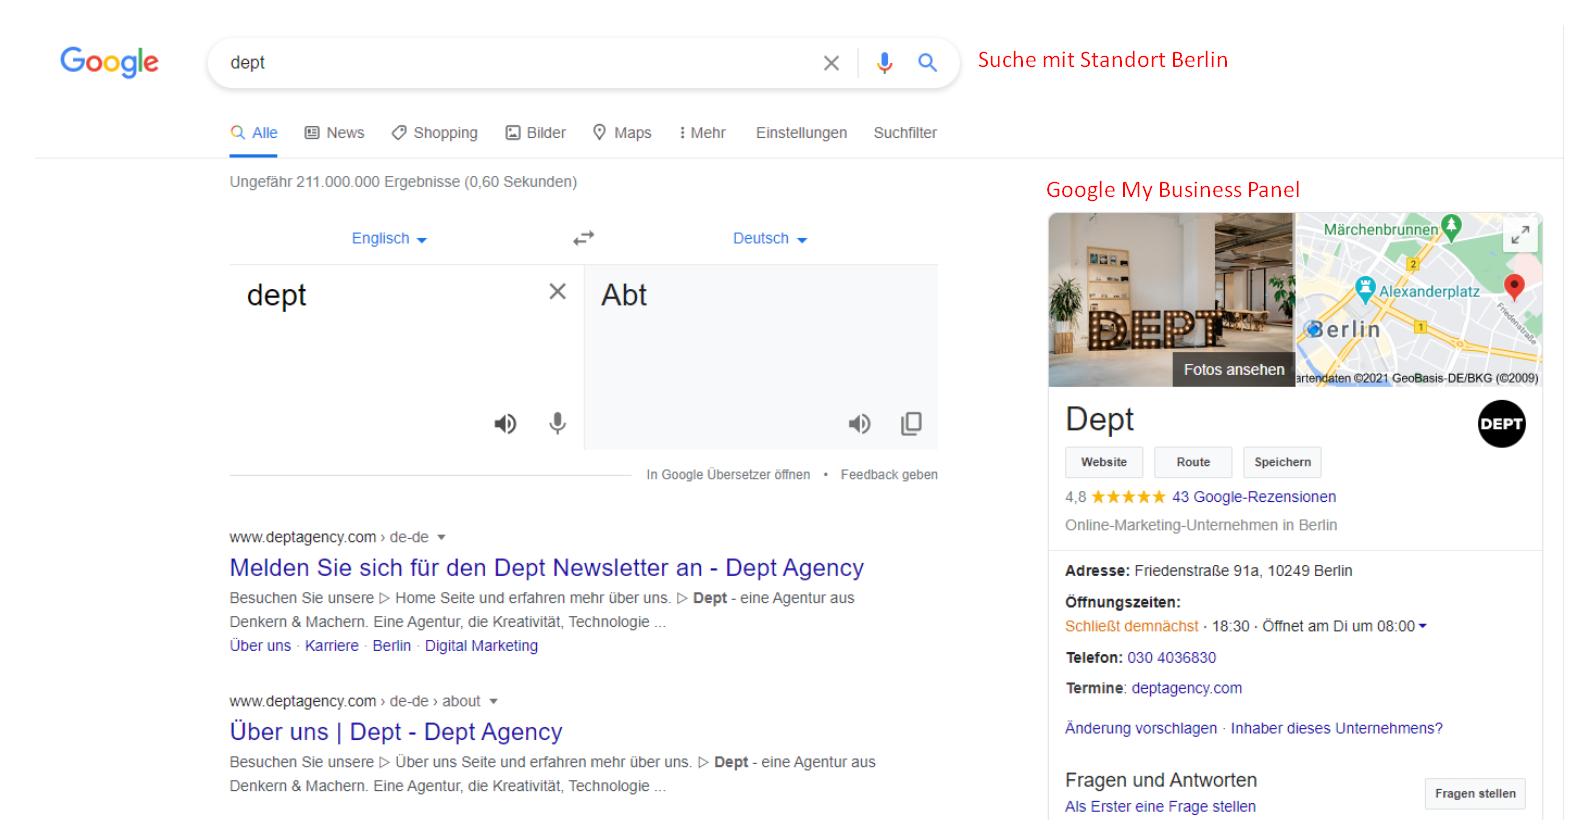 Abbildung-14-Suchergebnisse-mit-Standort-Berlin-fÅr-den-Begriff-dept